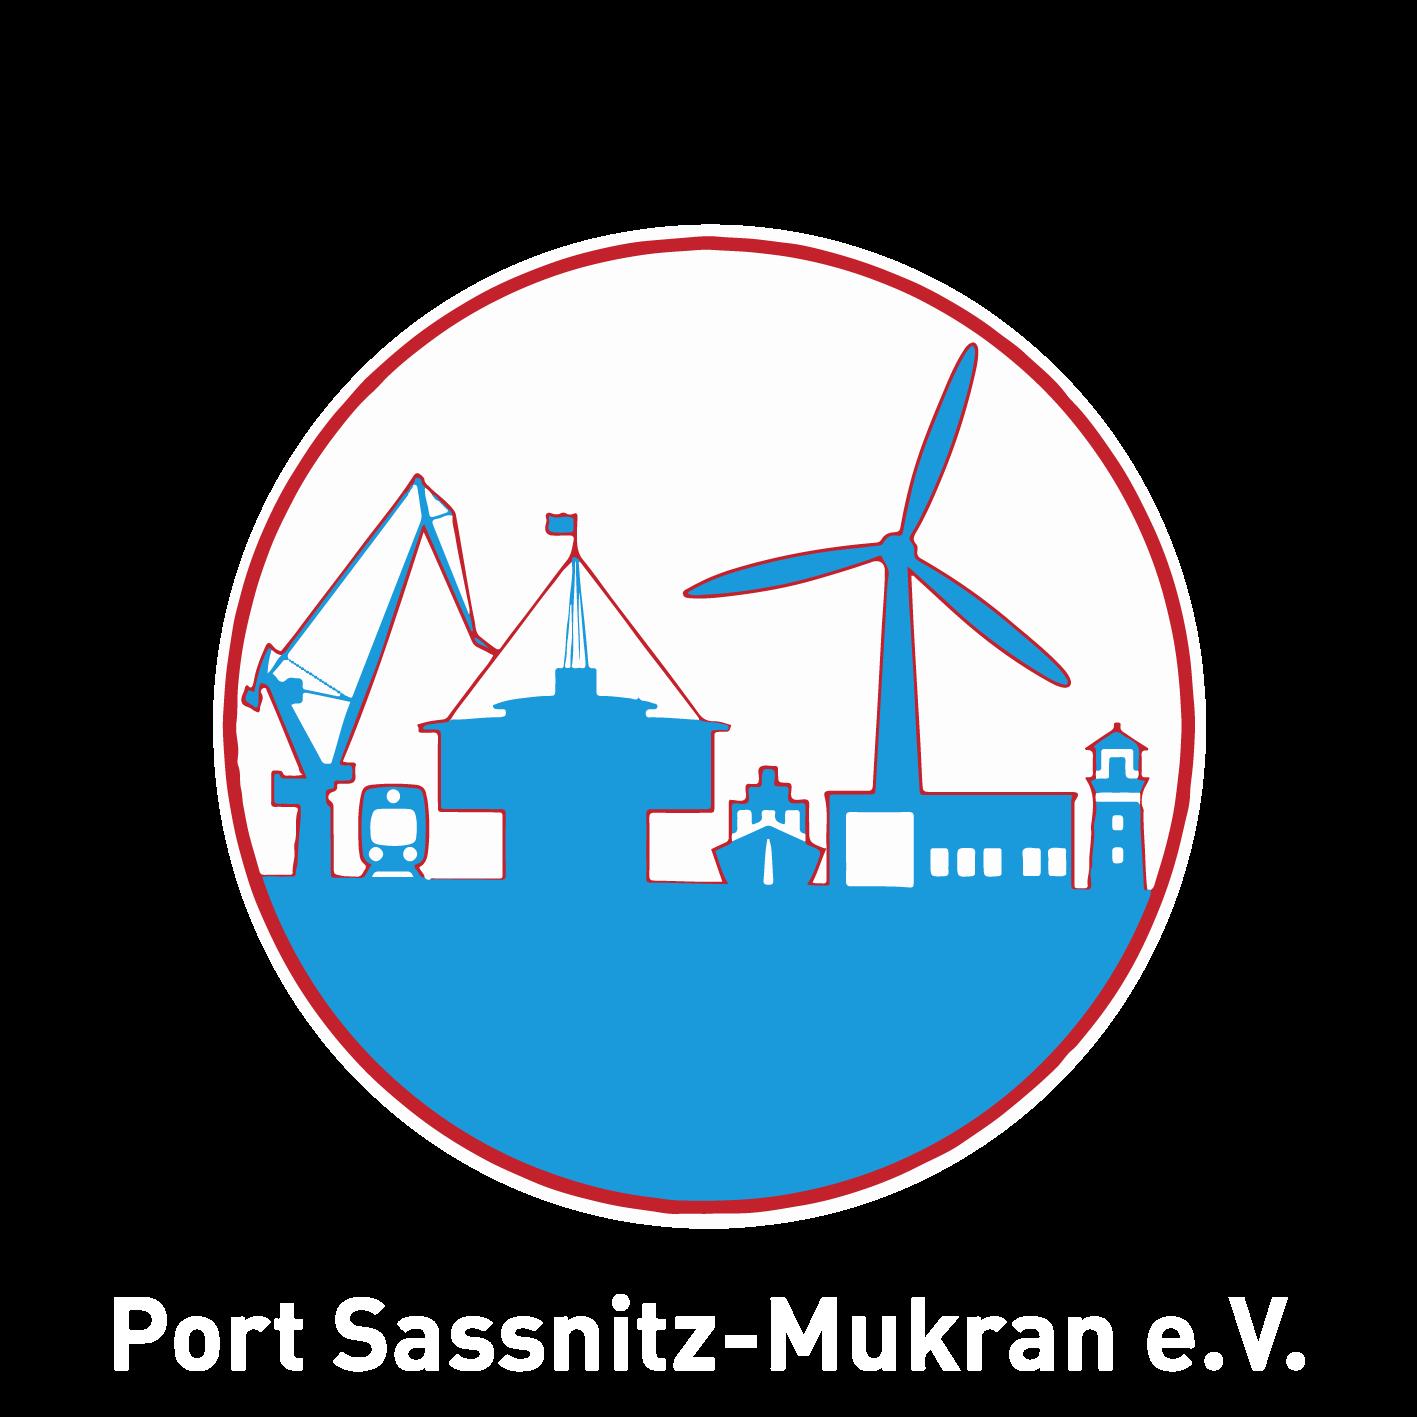 Port Sassnitz-Mukran e.V.